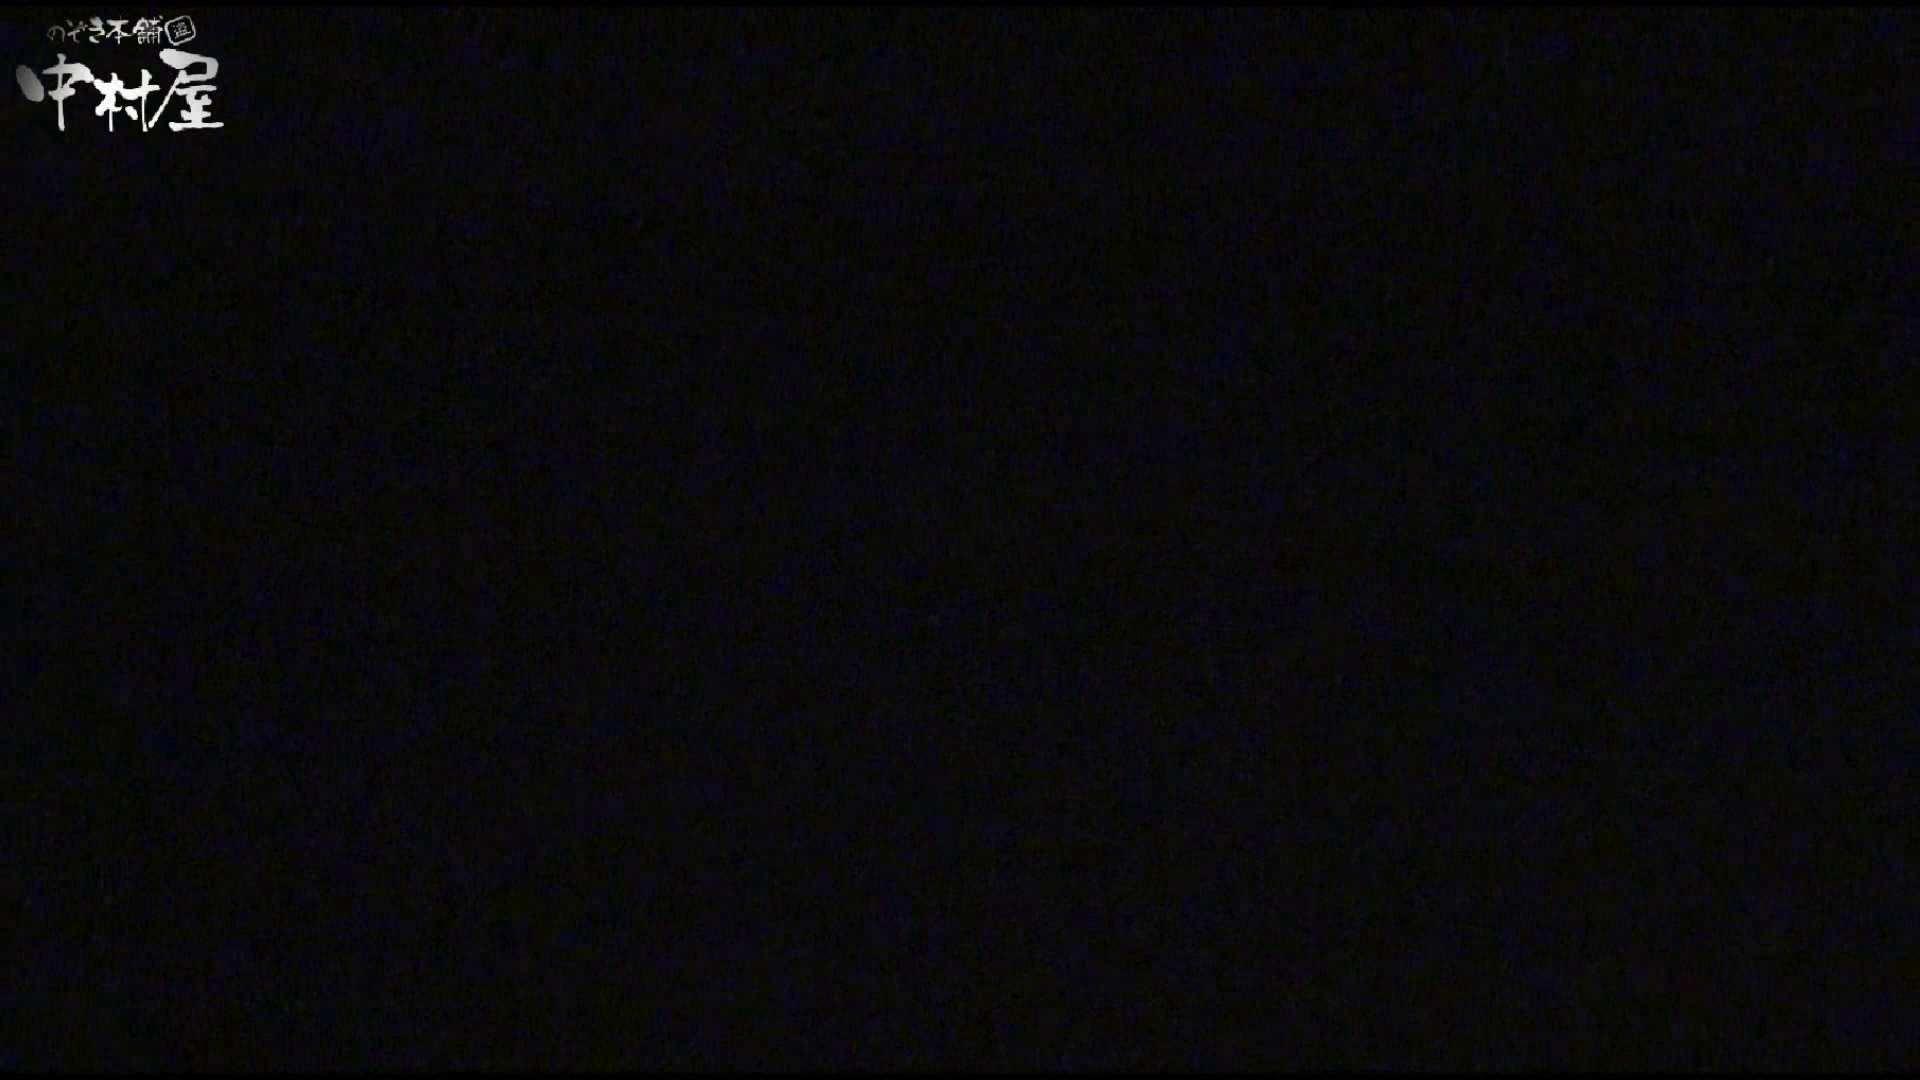 民家風呂専門盗撮師の超危険映像 vol.028 盗撮  97連発 93